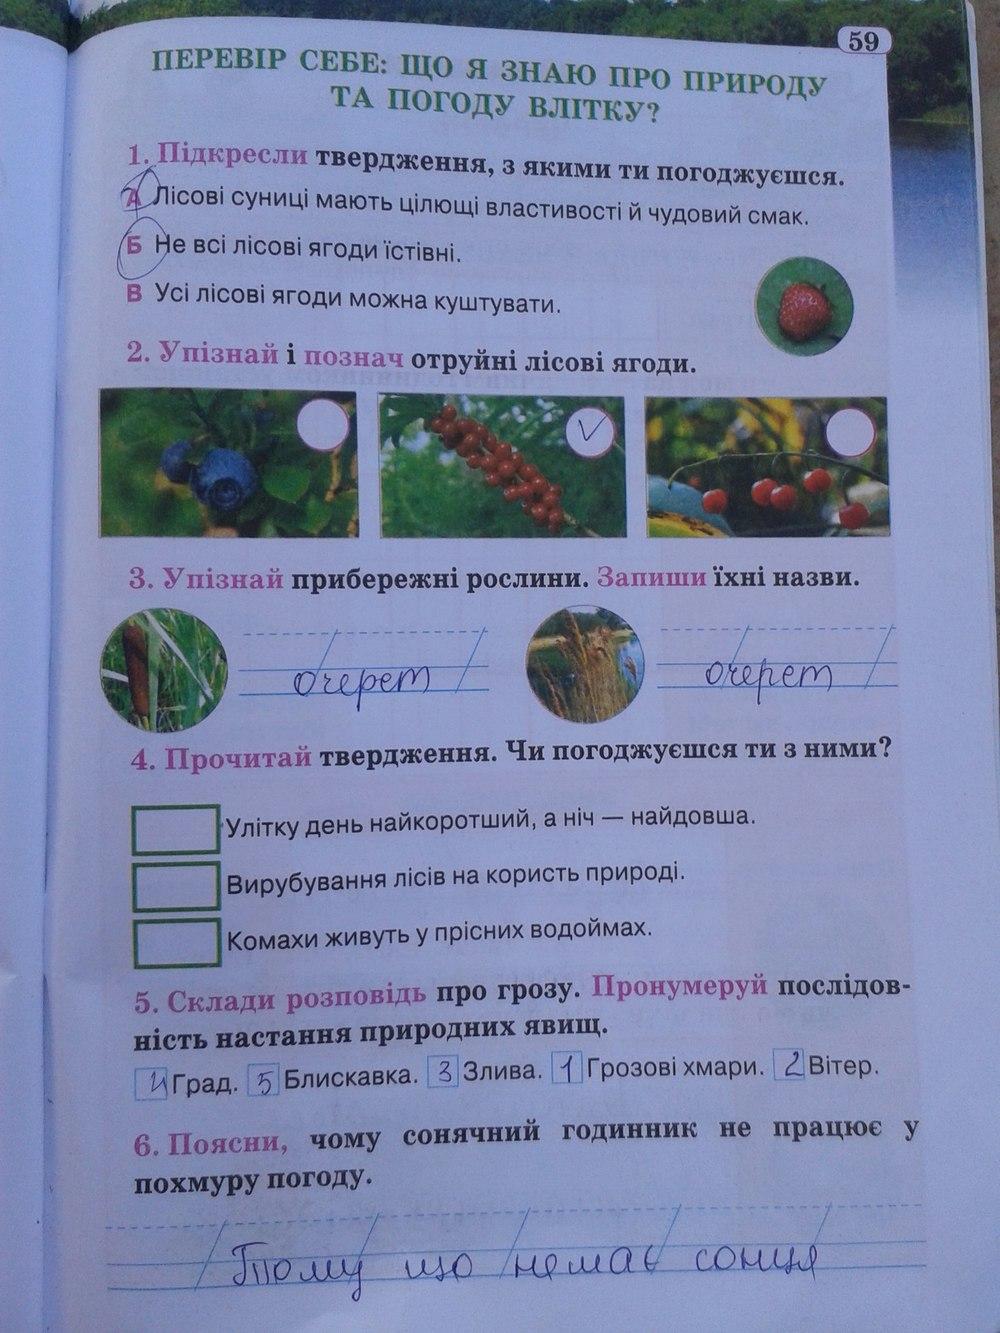 ГДЗ відповіді робочий зошит по биологии 2 класс И. Грущинська. Задание: стр. 59